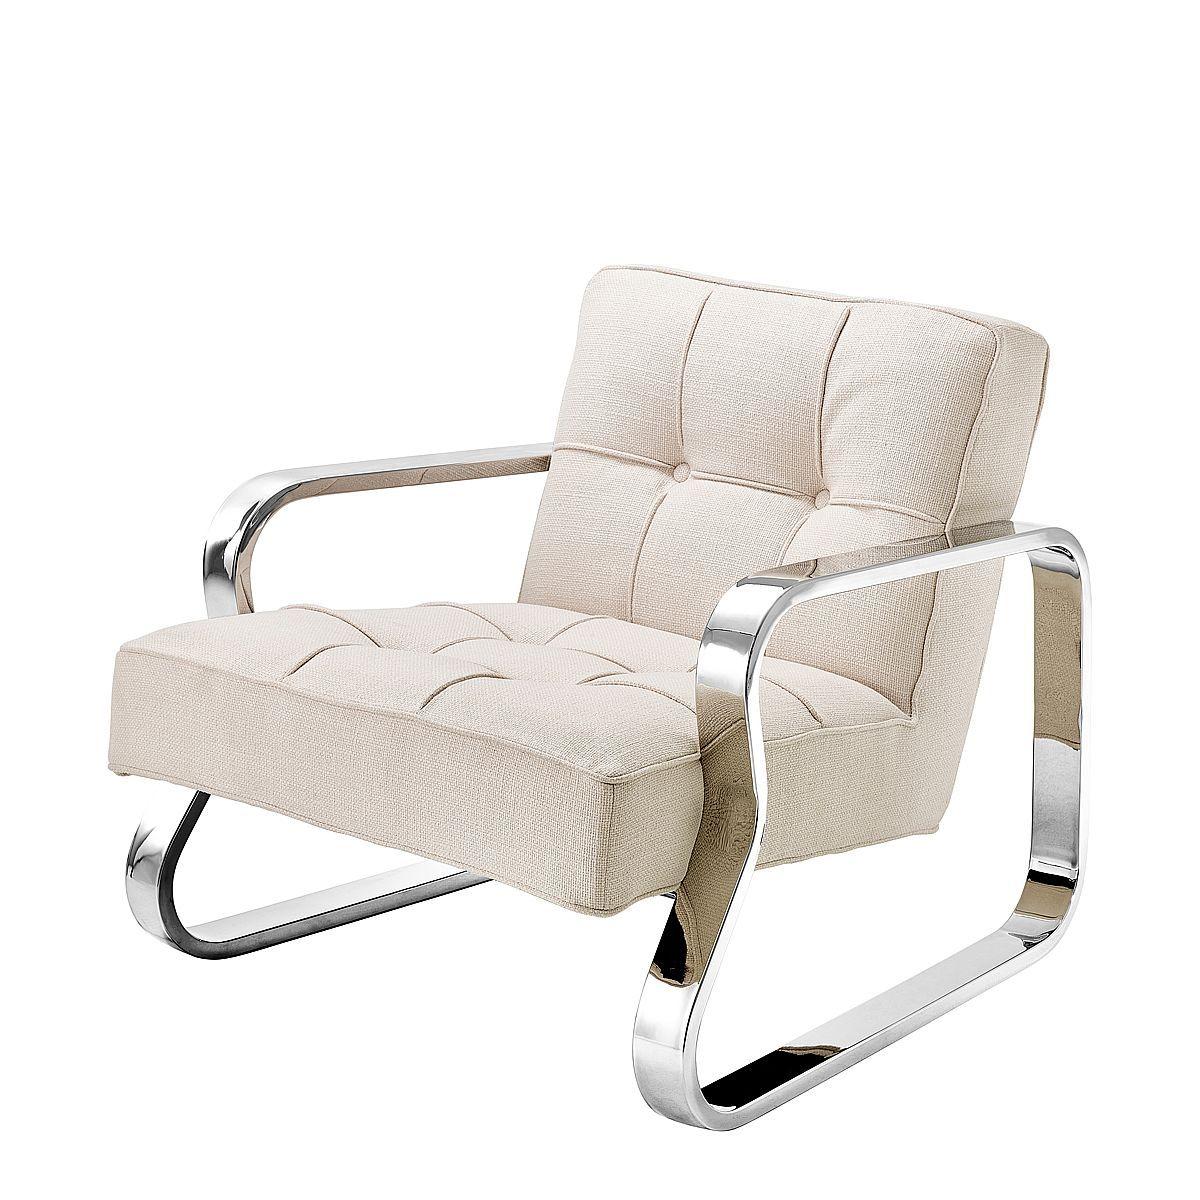 Eine Gelungene Interpretation Eines Sitzmöbels Mit Einteiliger Sitzschale  Im Edelstahlrahmen Bietet Der Sessel Grassi Von EICHHOLTZ ®.